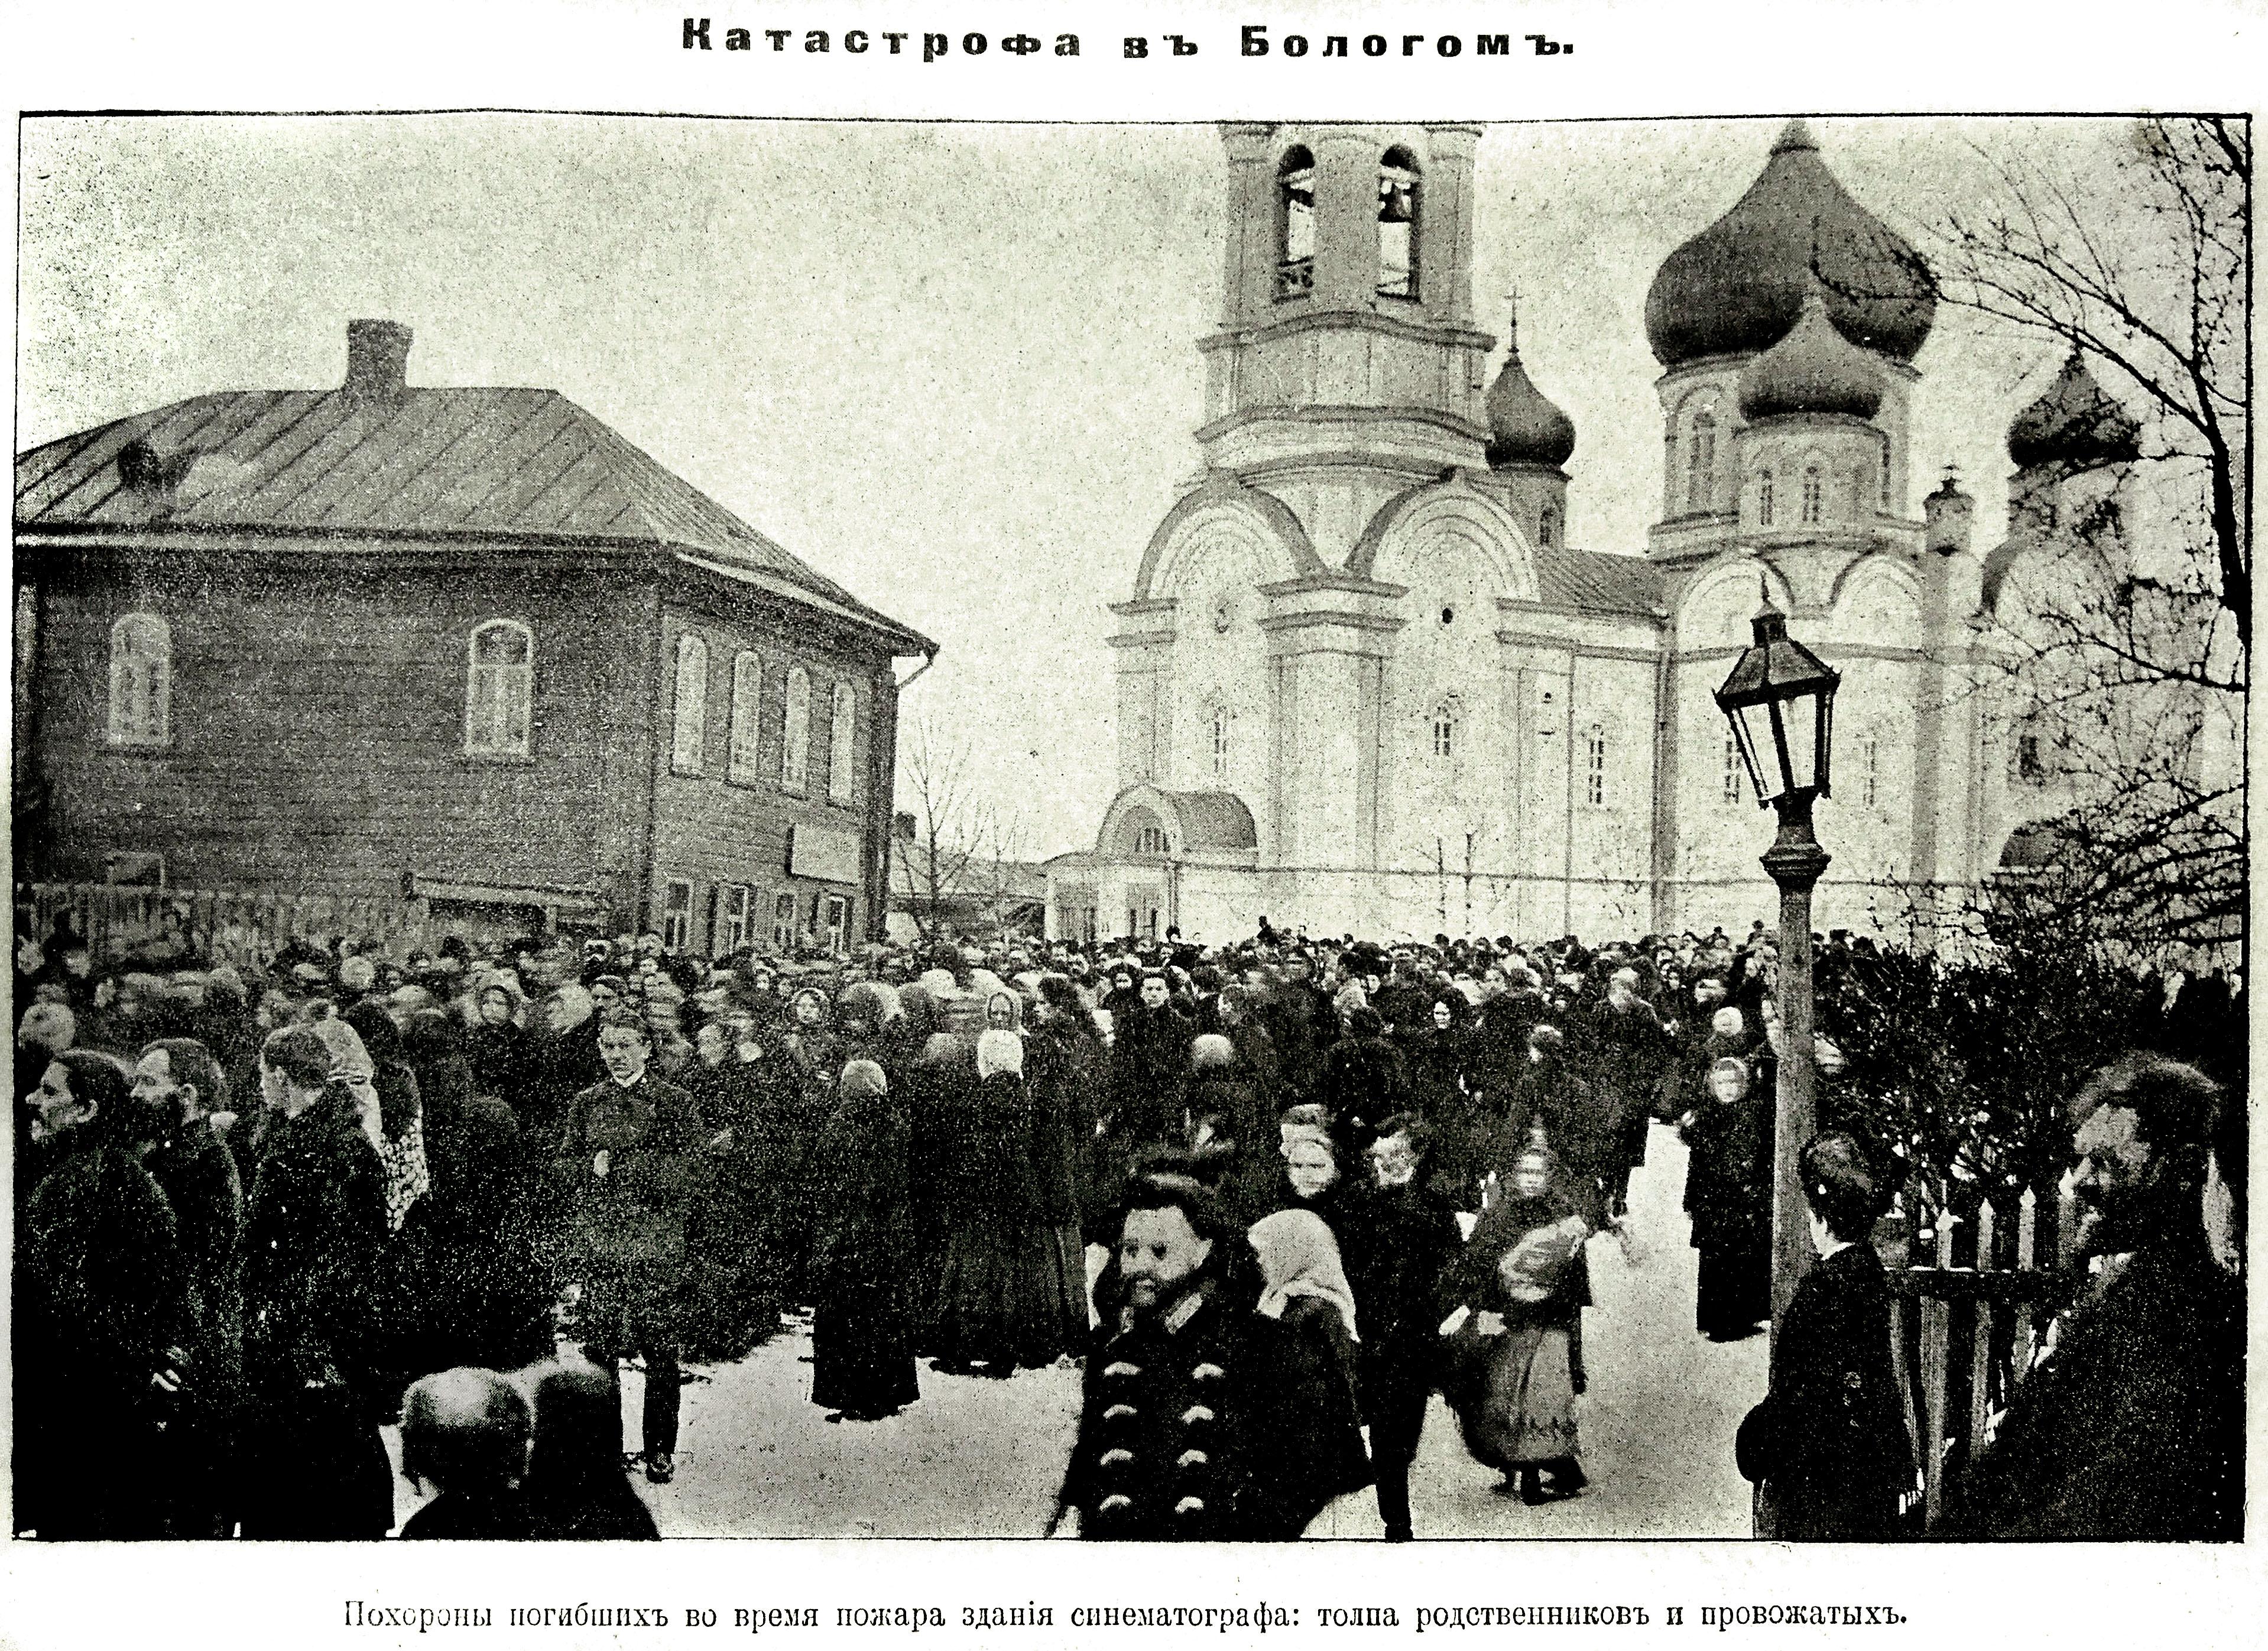 Похороны погибших при пожаре синематографа. 1911